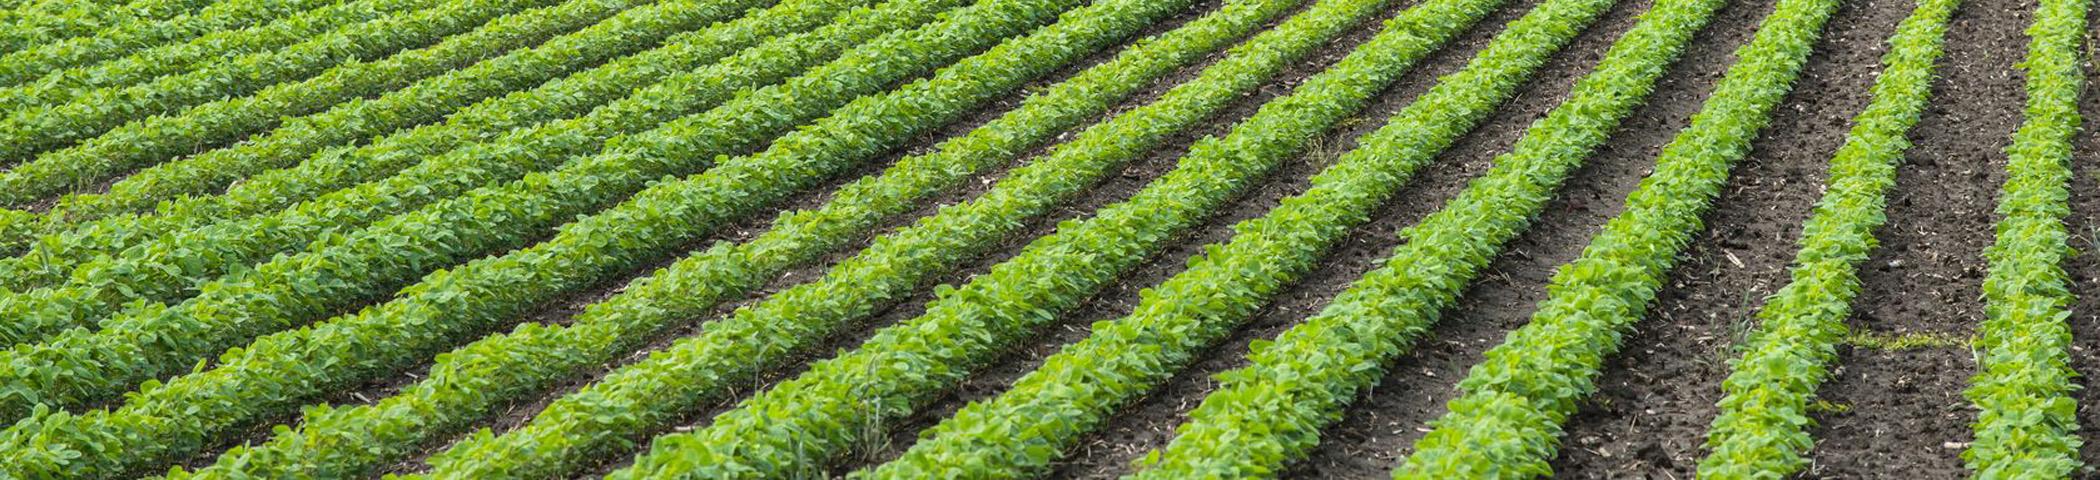 Pestycydy żywność Konwencjonalna Kontra Eko Platforma B2b Bio